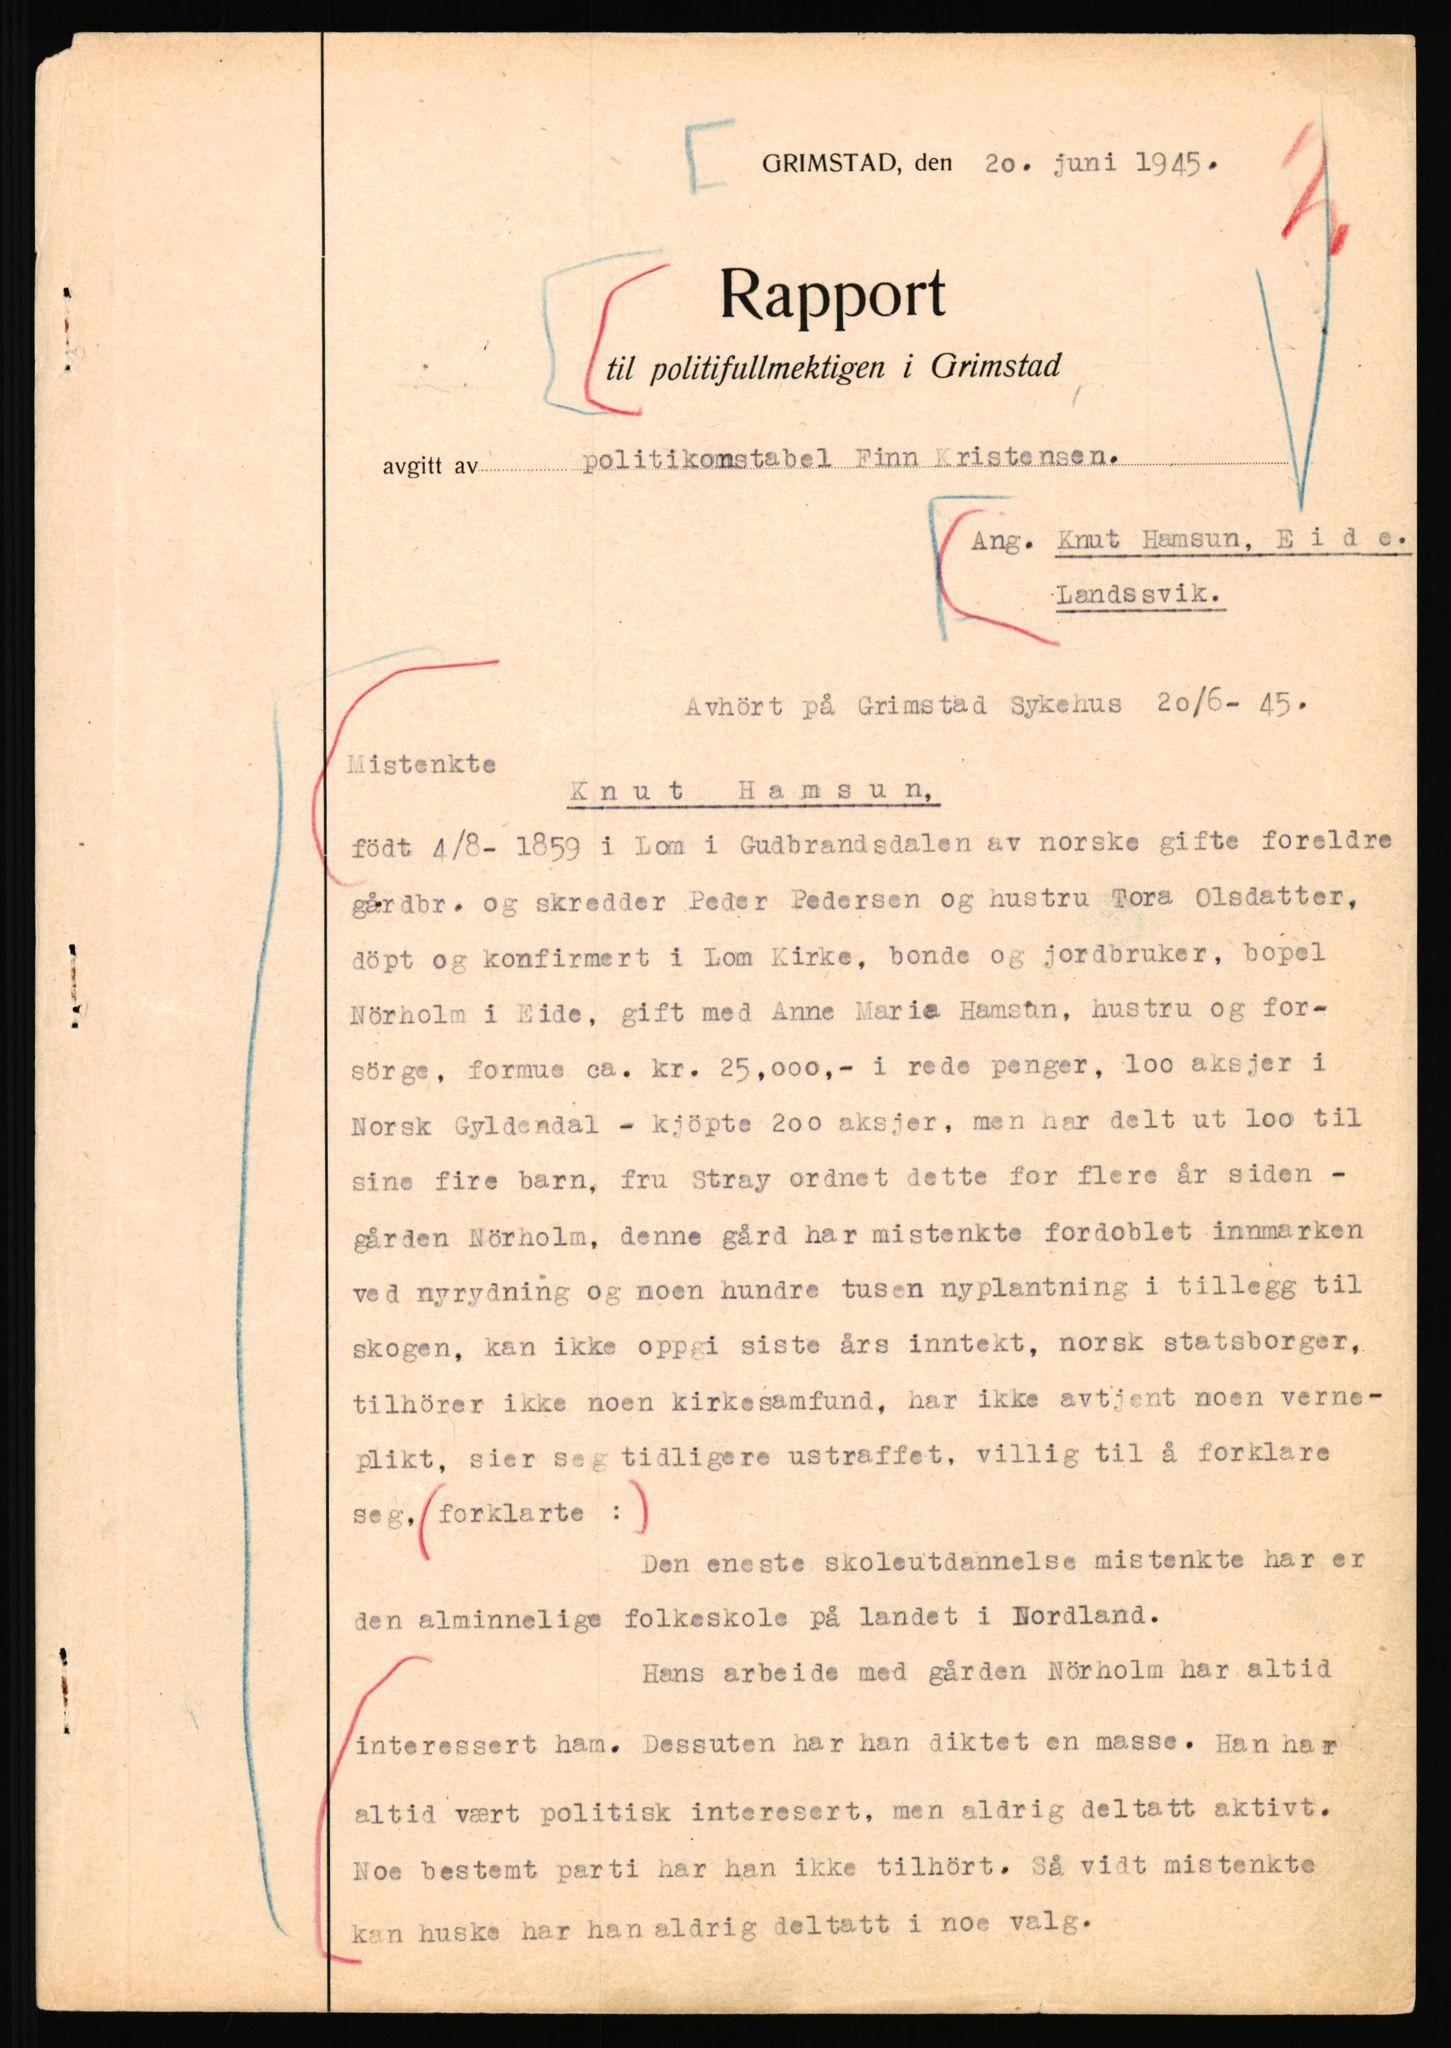 RA, Landssvikarkivet, Arendal politikammer, D/Dc/L0029: Anr. 192/45, 1945-1951, s. 27